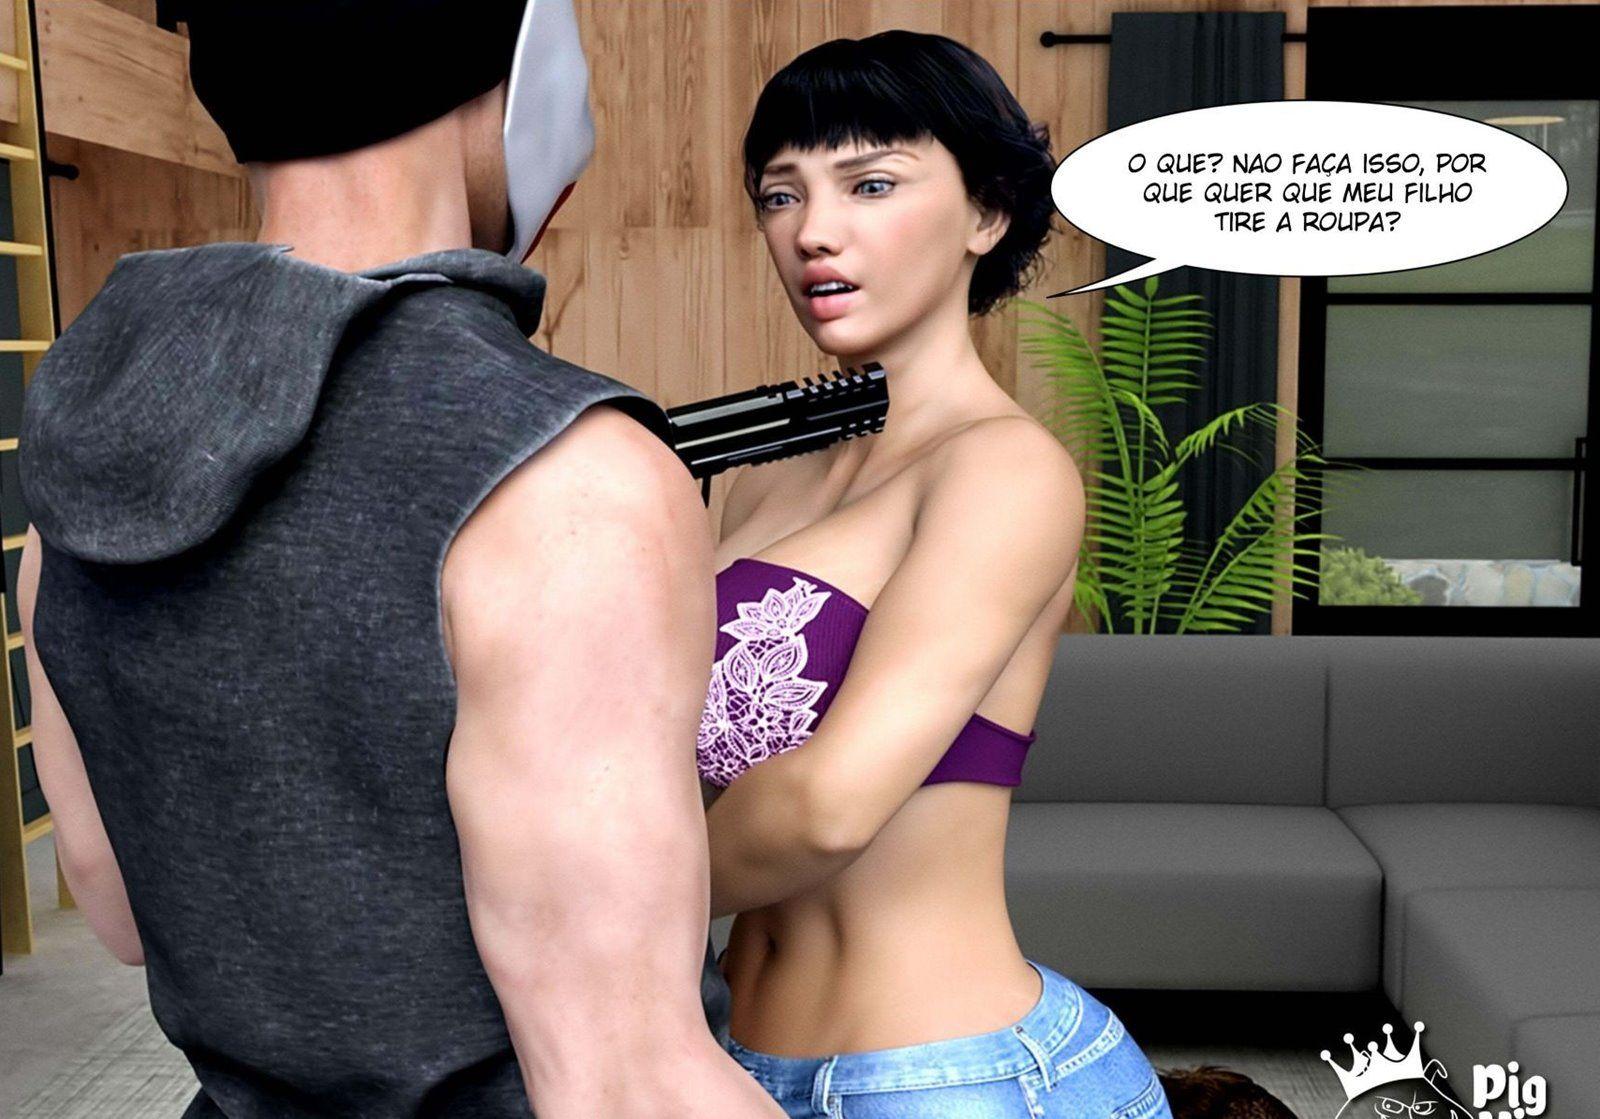 quadrinhos eróticos sem saída 19